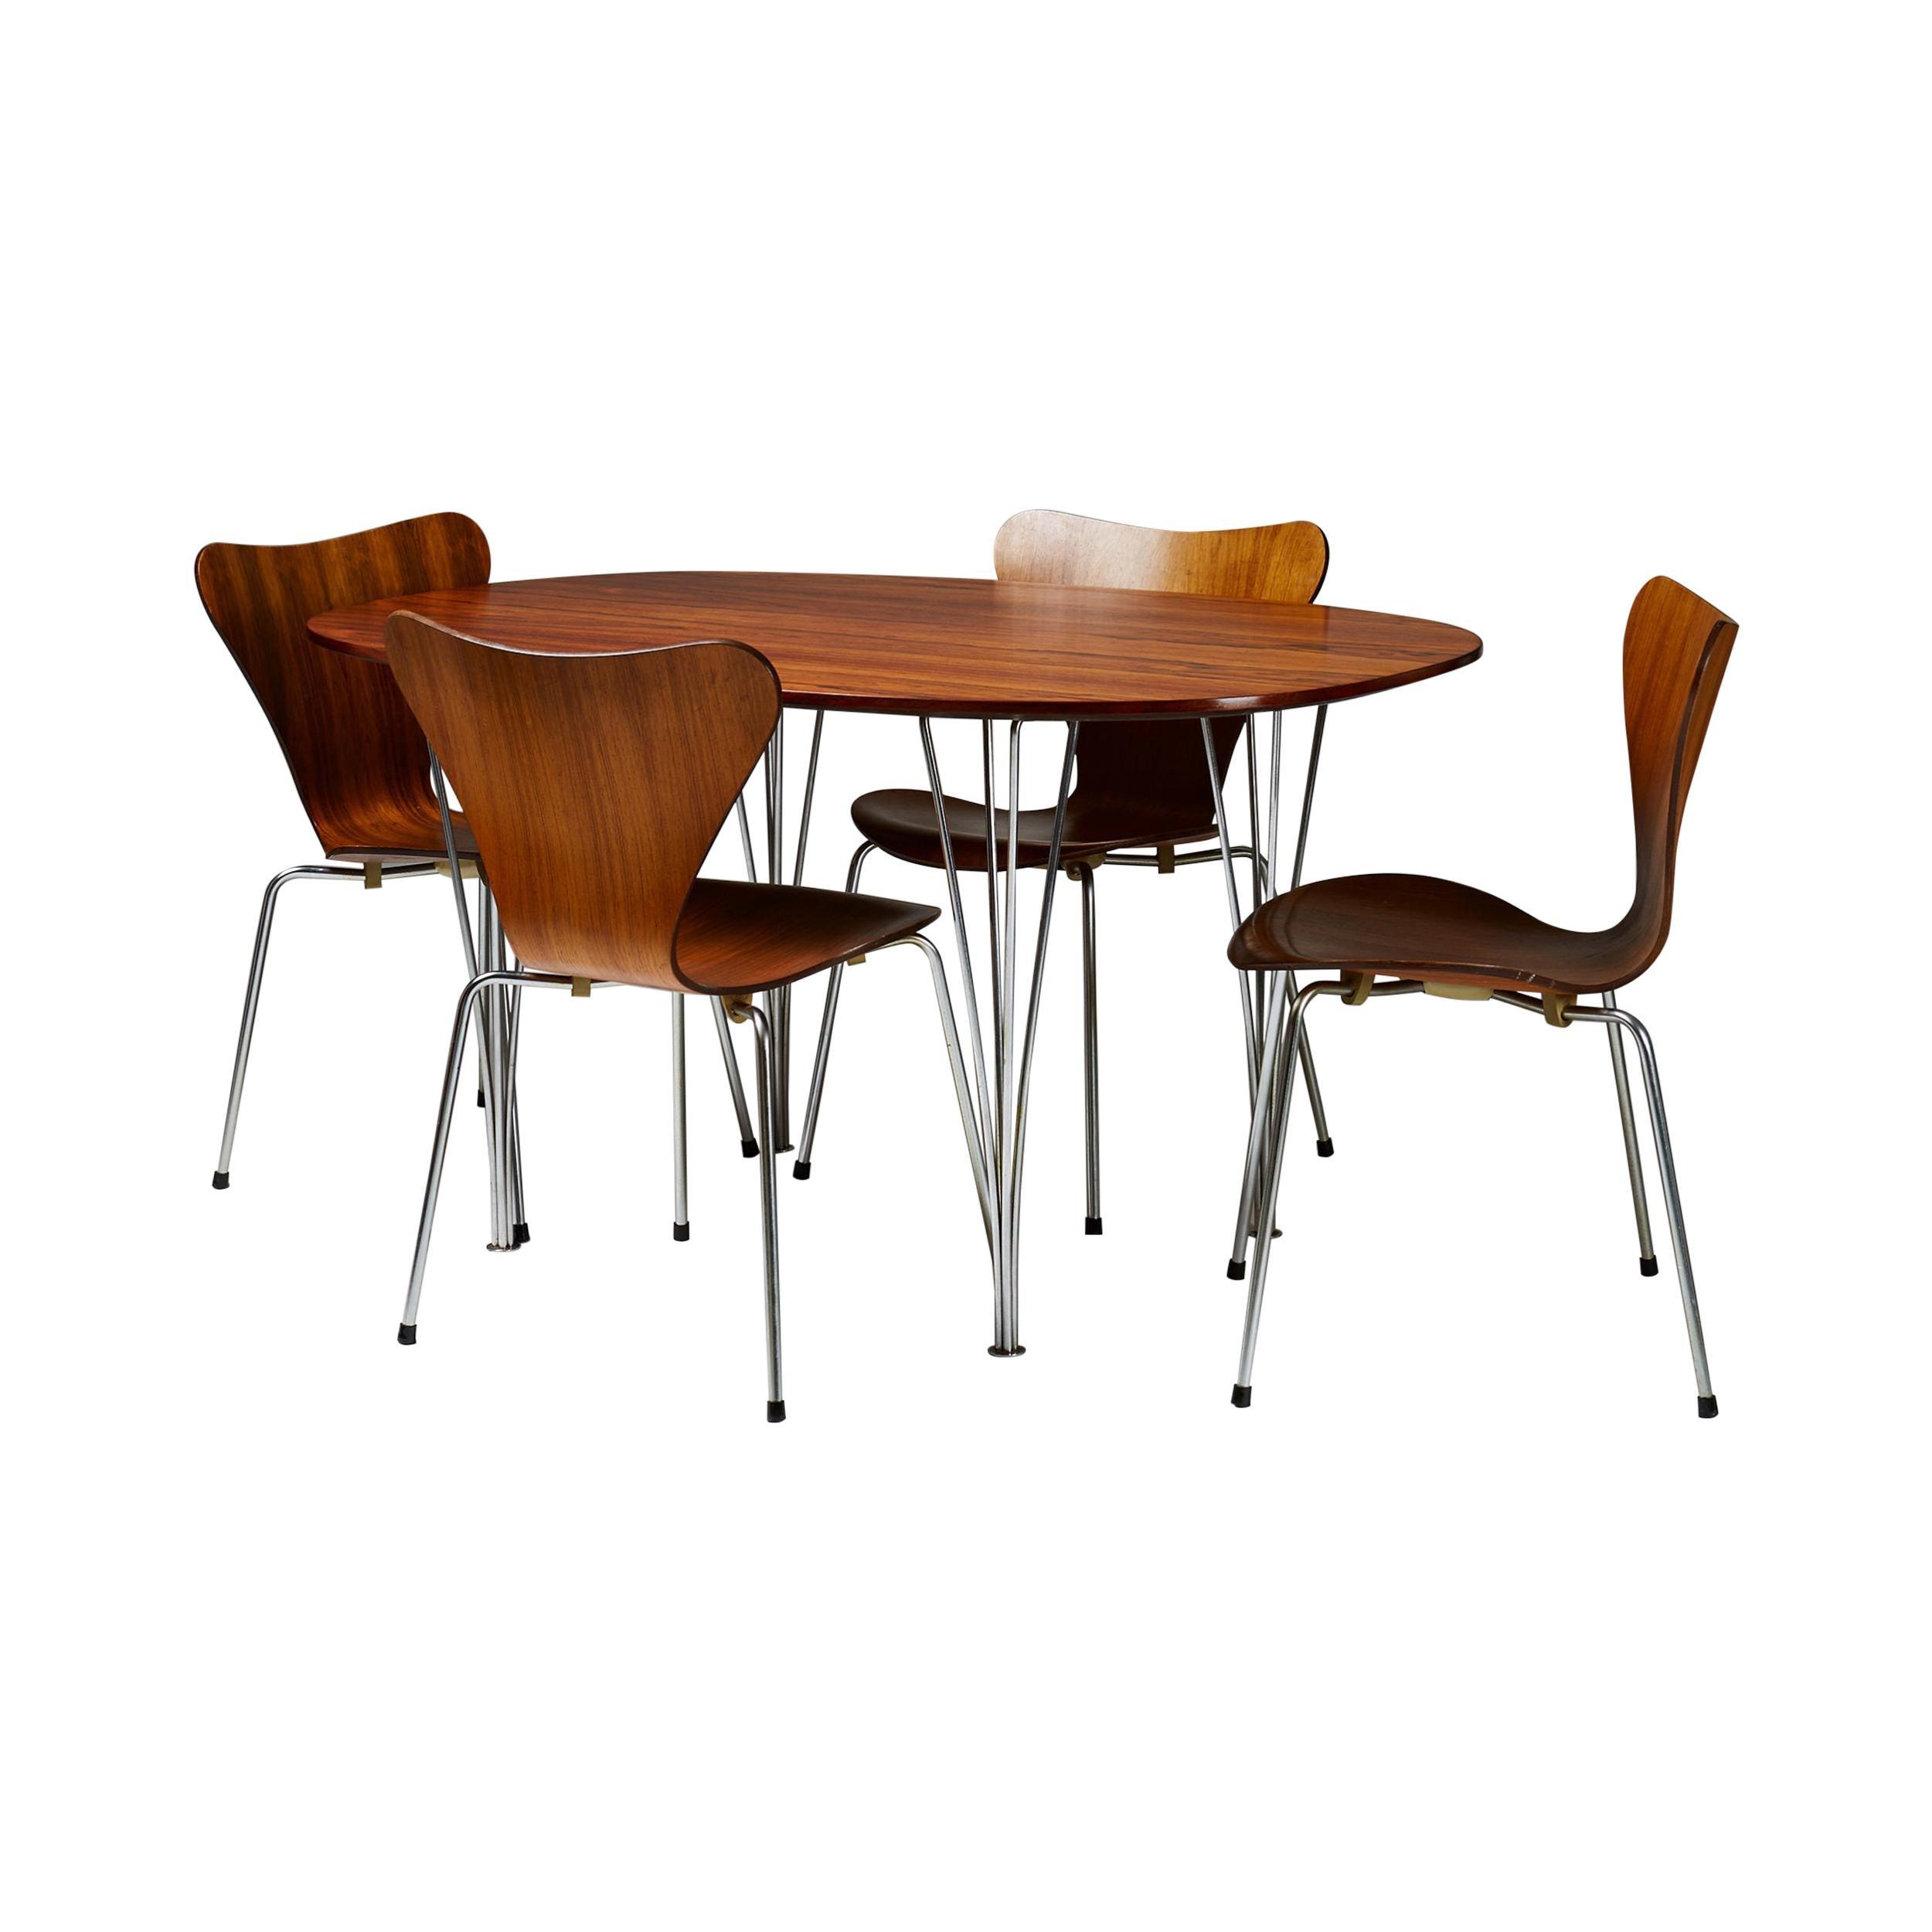 Dining set by Bruno Mathsson, Piet Hein and Arne Jacobsen for Fritz Hansen